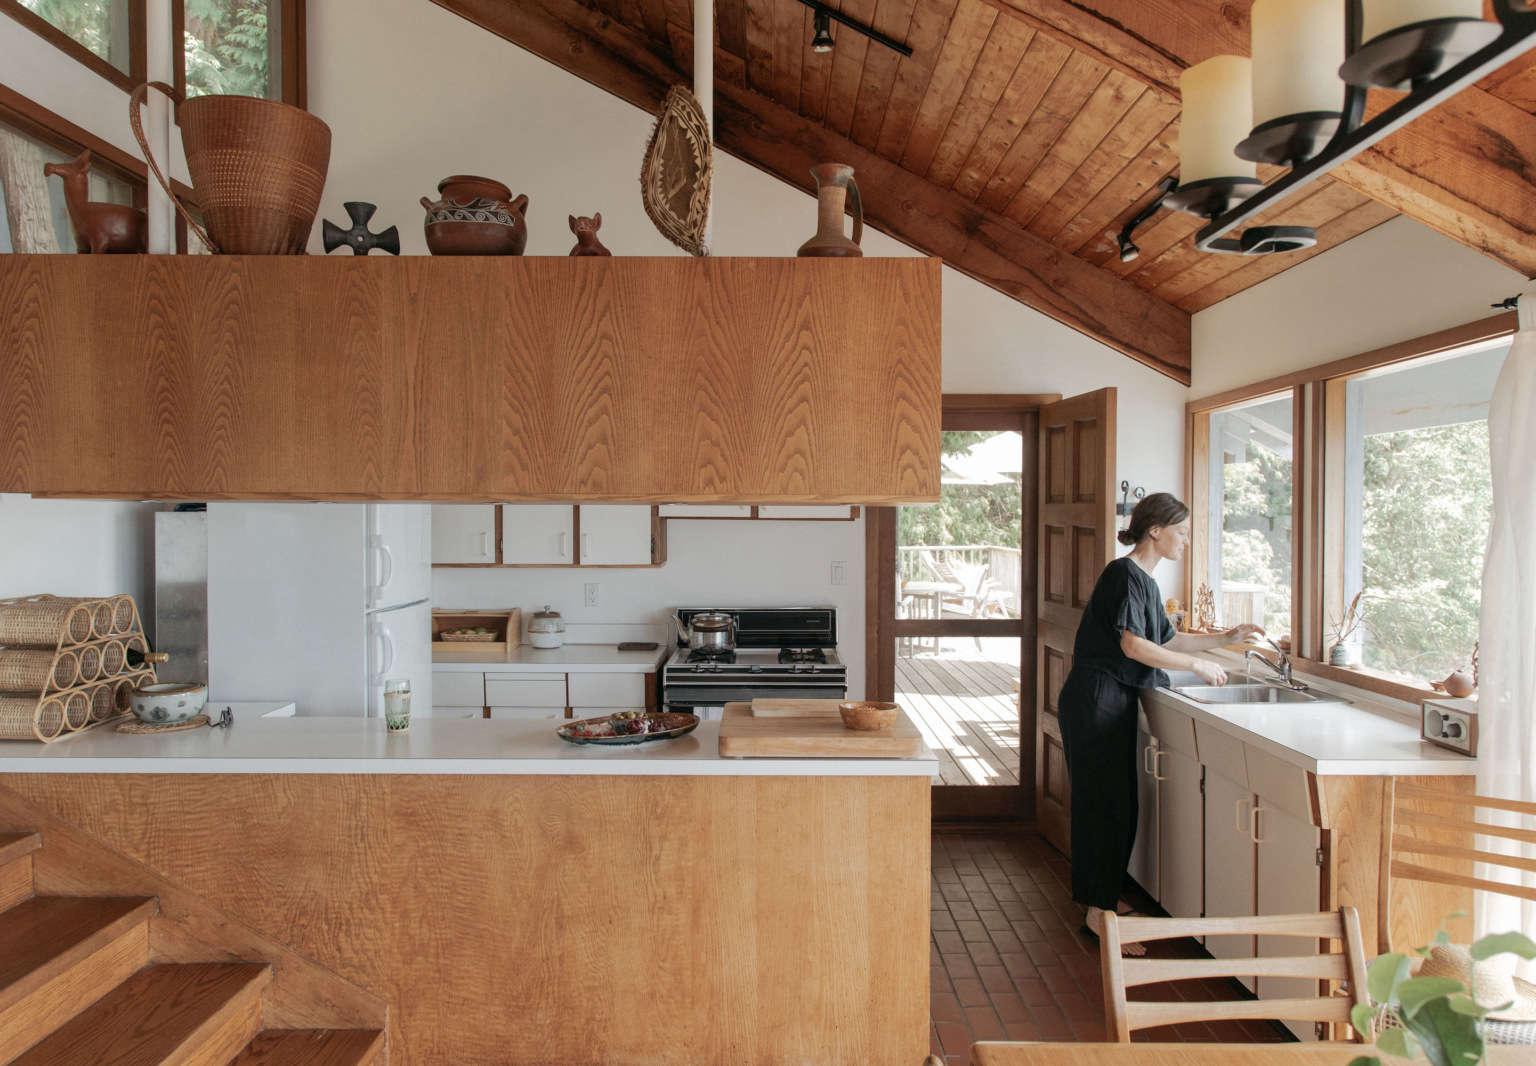 chessa osburn vancouver cabin gillian stevens kitchen3 1536x1066